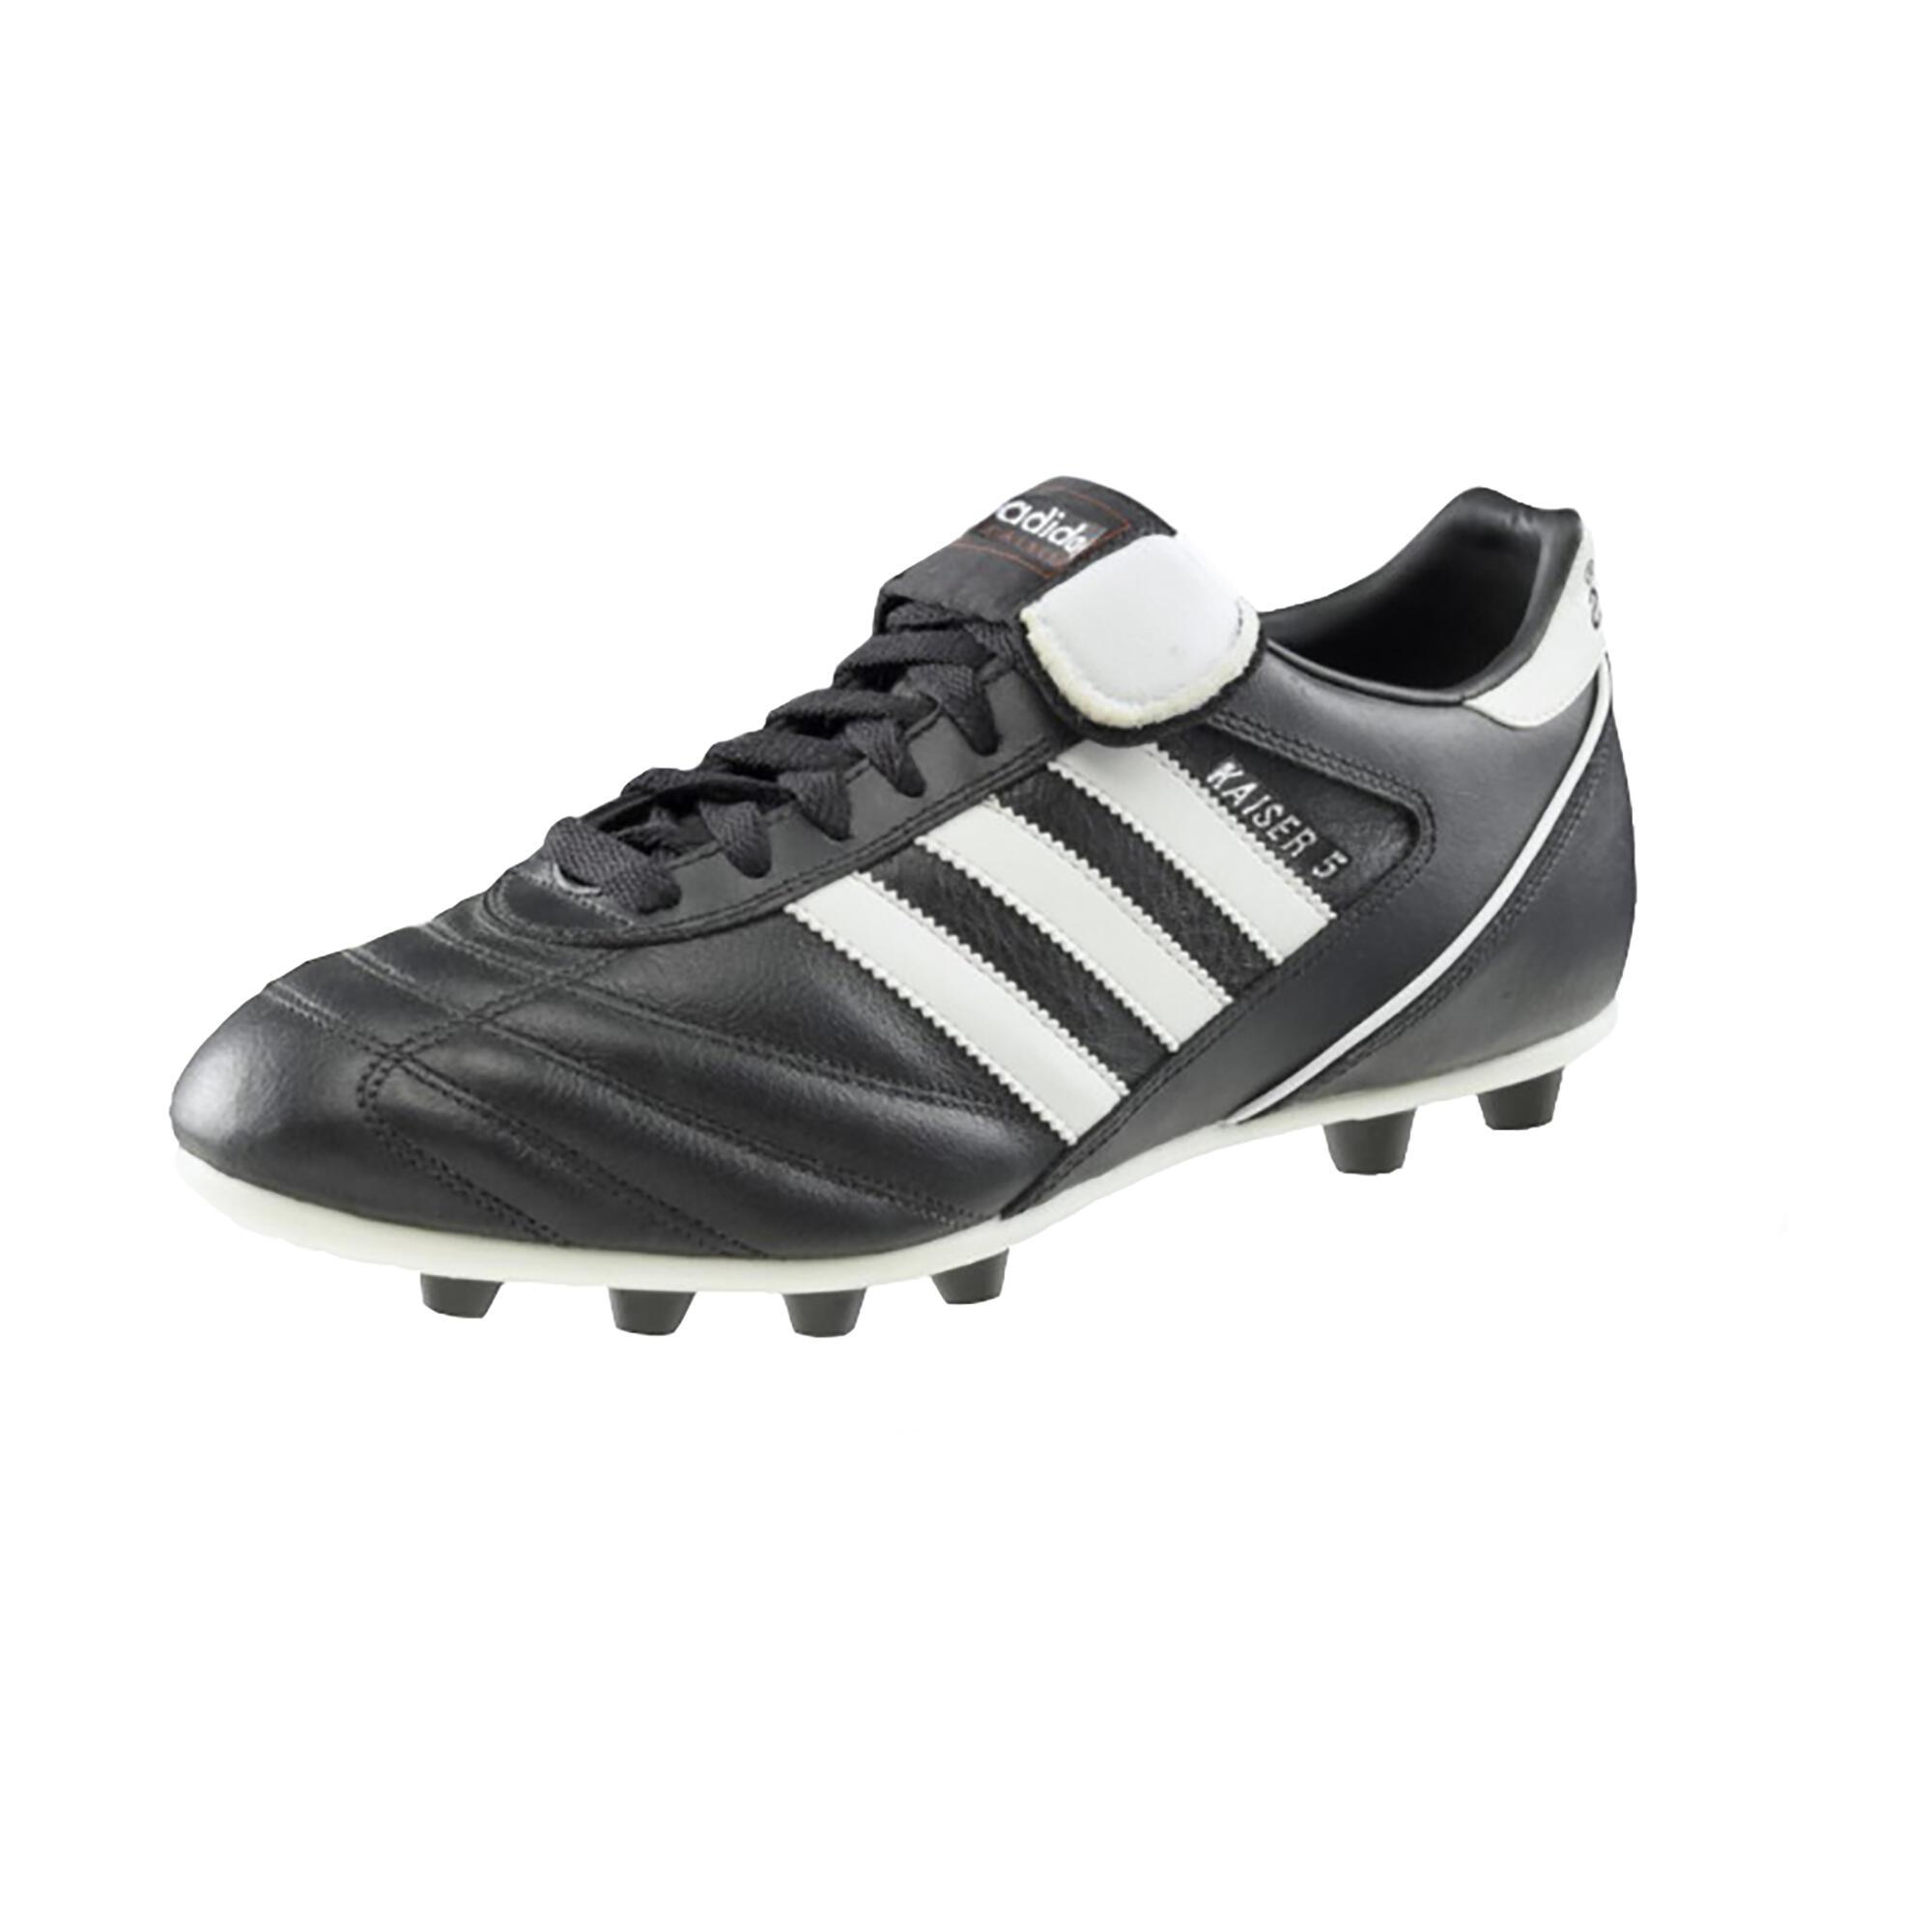 Botas de fútbol adulto Kaiser Liga FG negro blanco Adidas  7166e2e2e8027